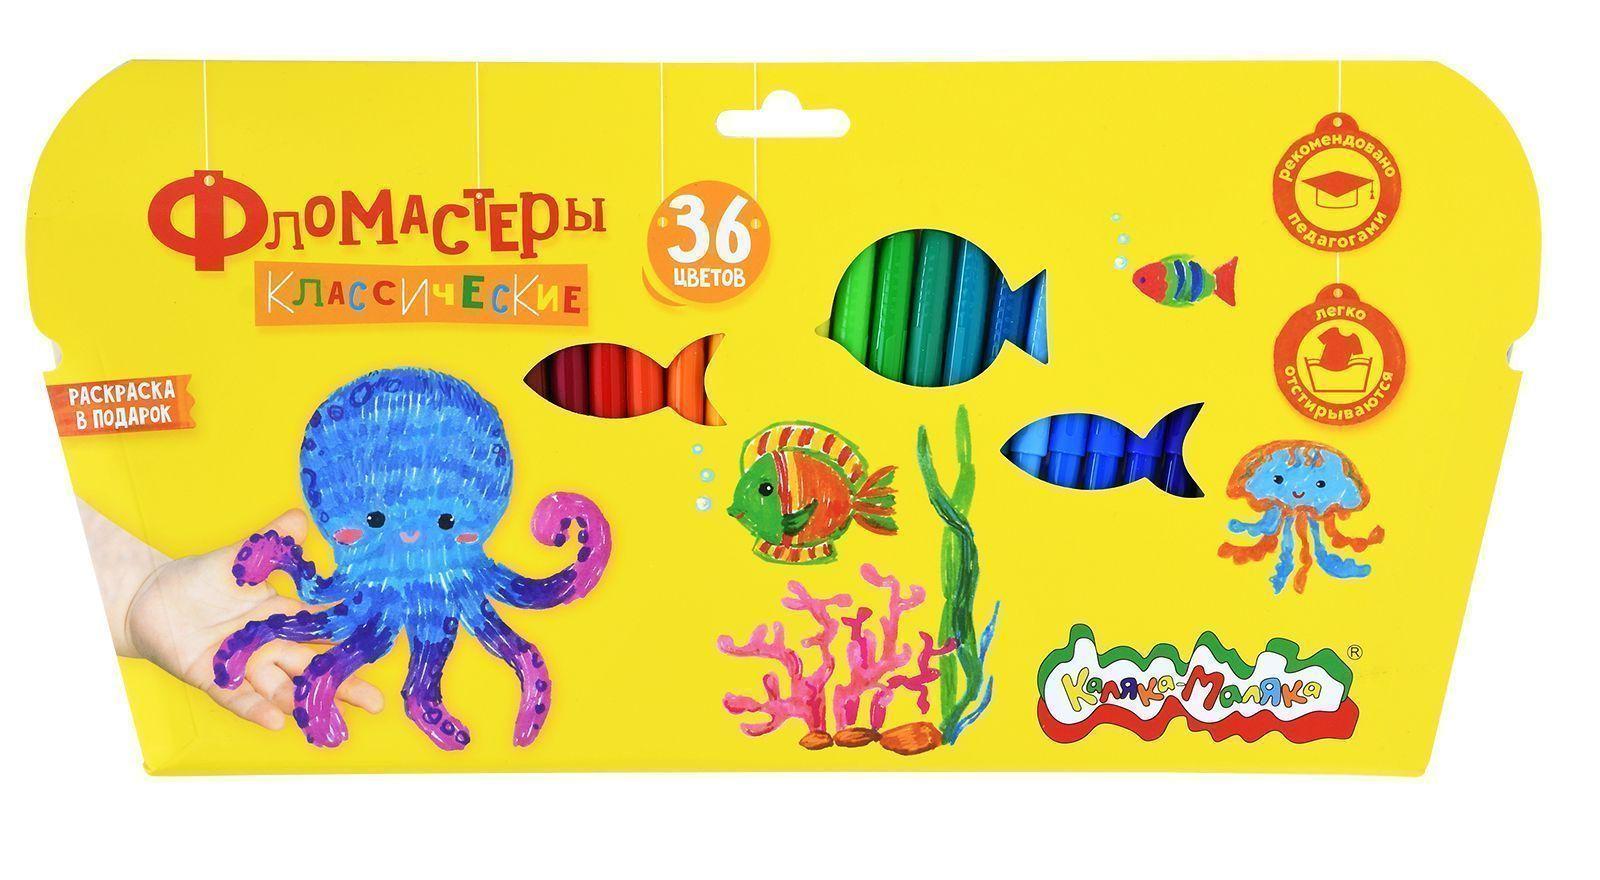 Фломастеры Каляка-Маляка 36 цветов, картонная упаковка. круглый корпус, классические